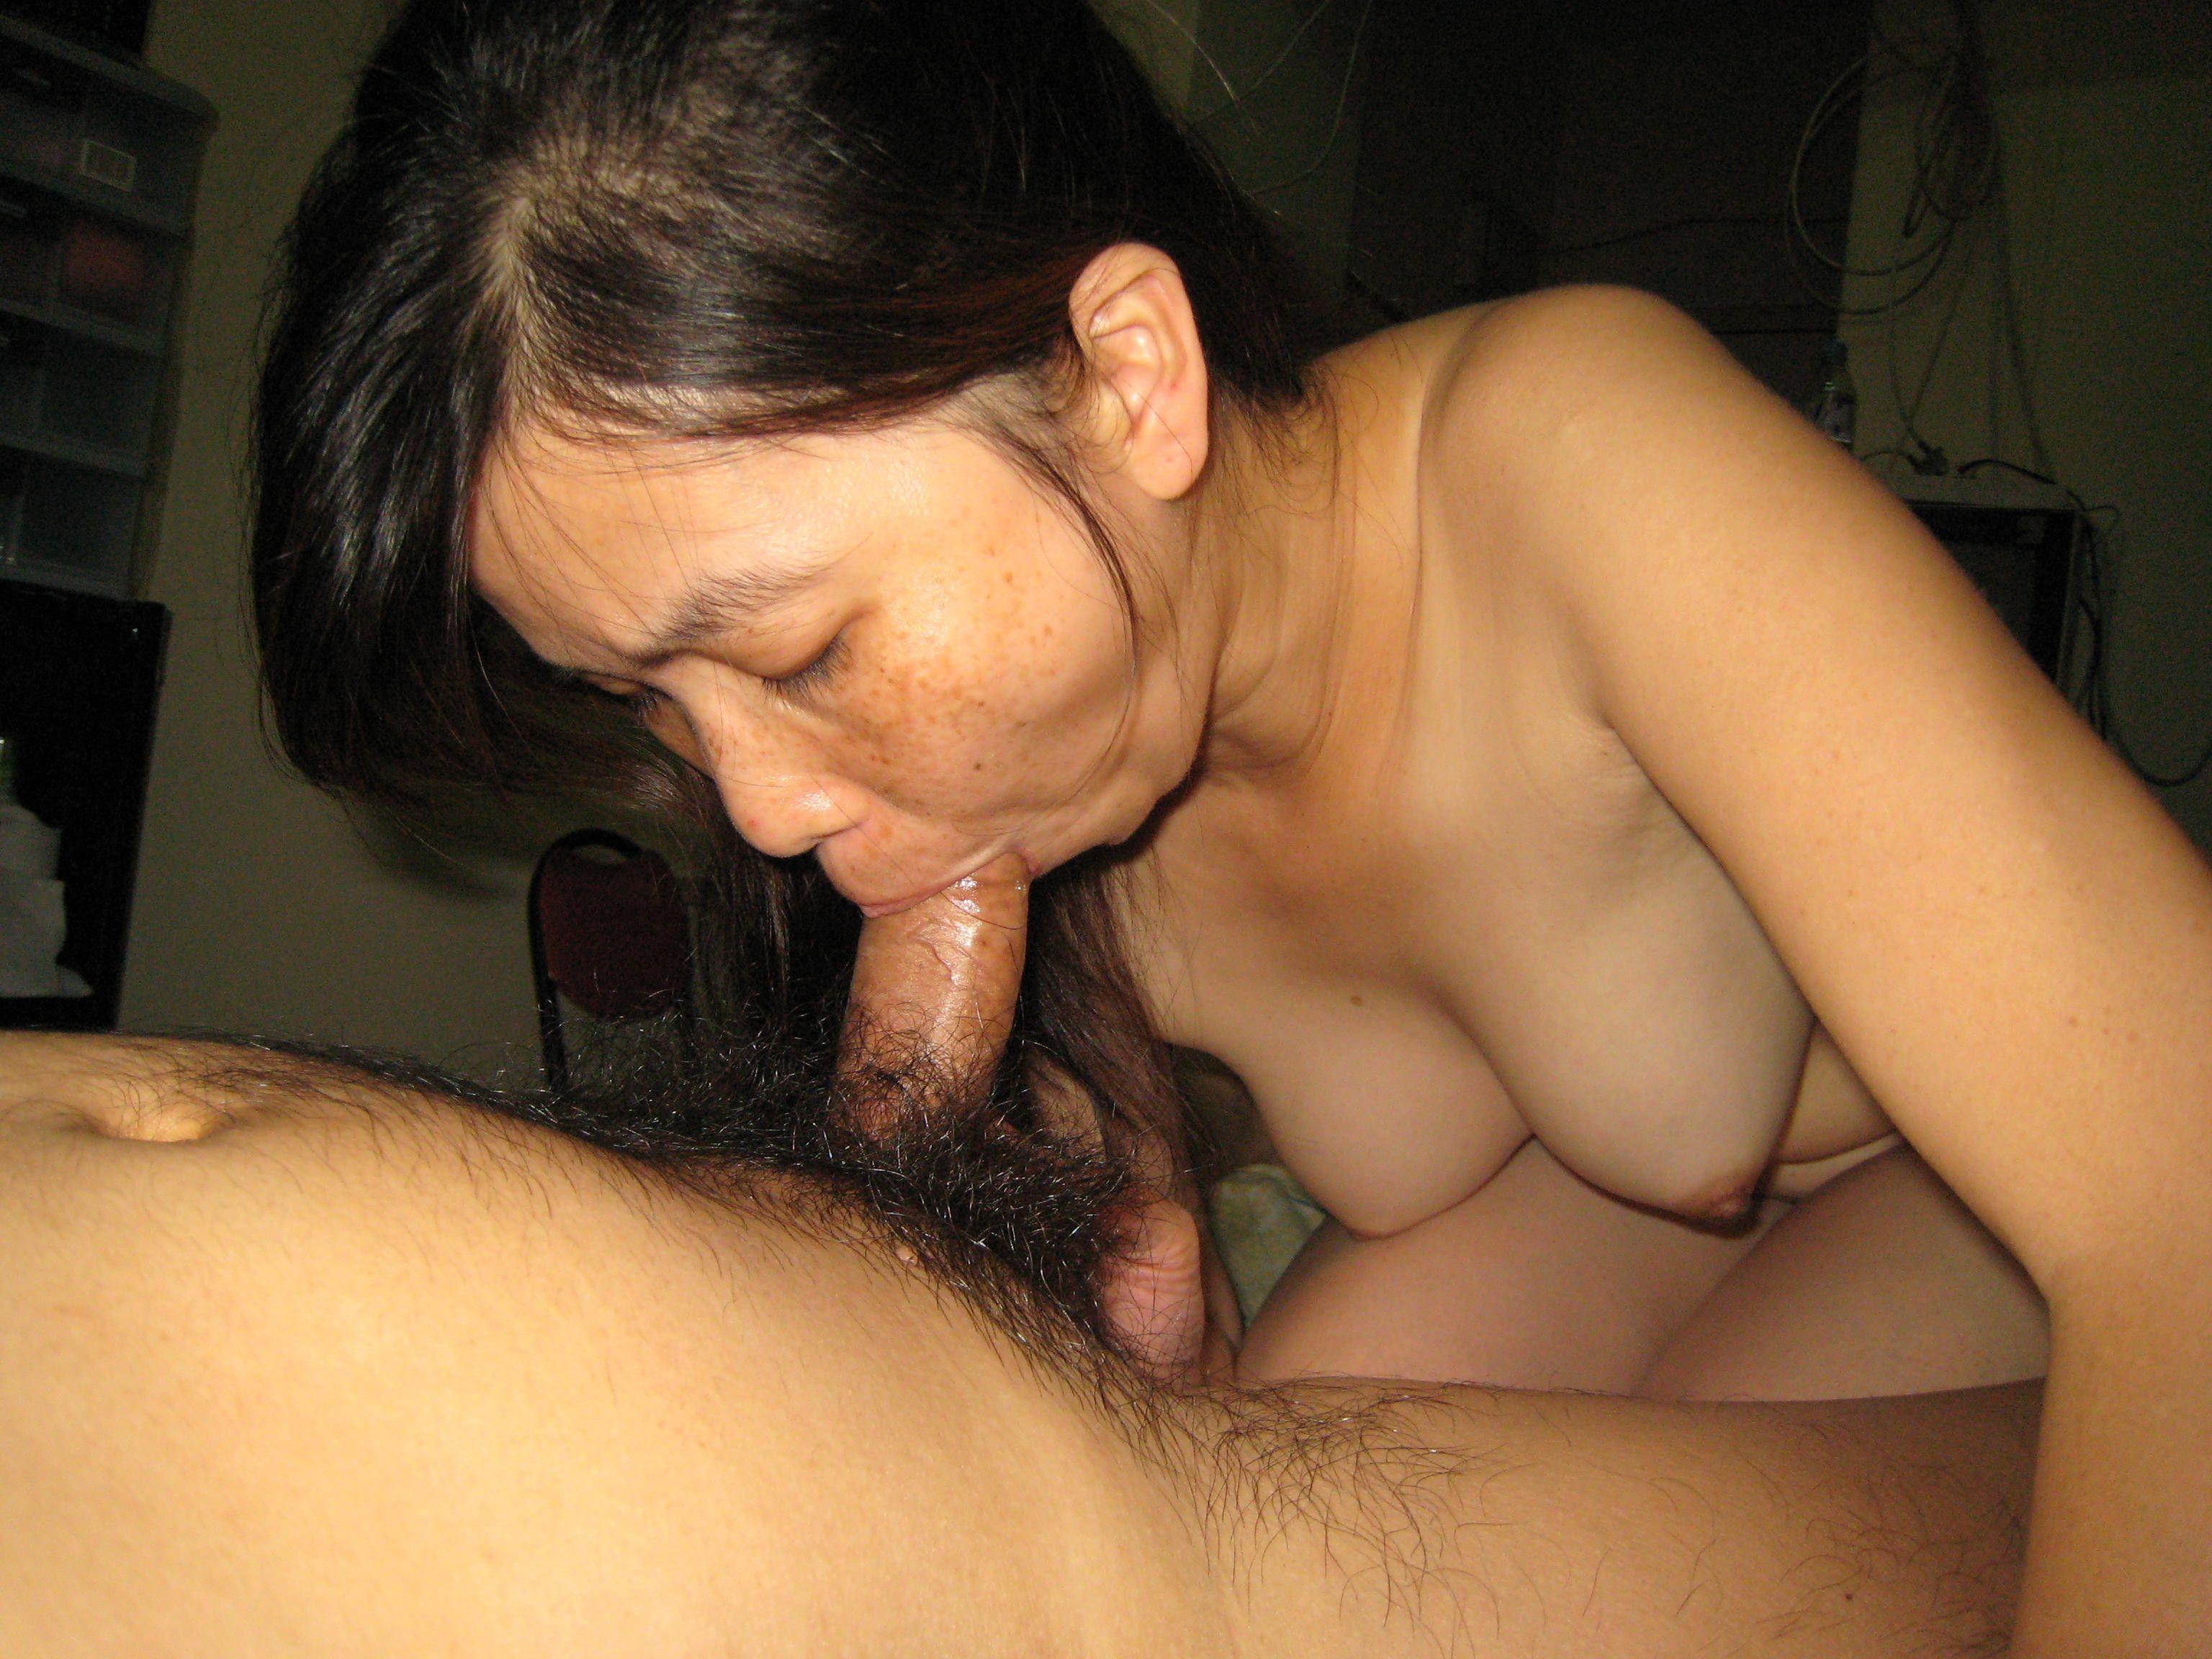 Pornstar hardcore pics